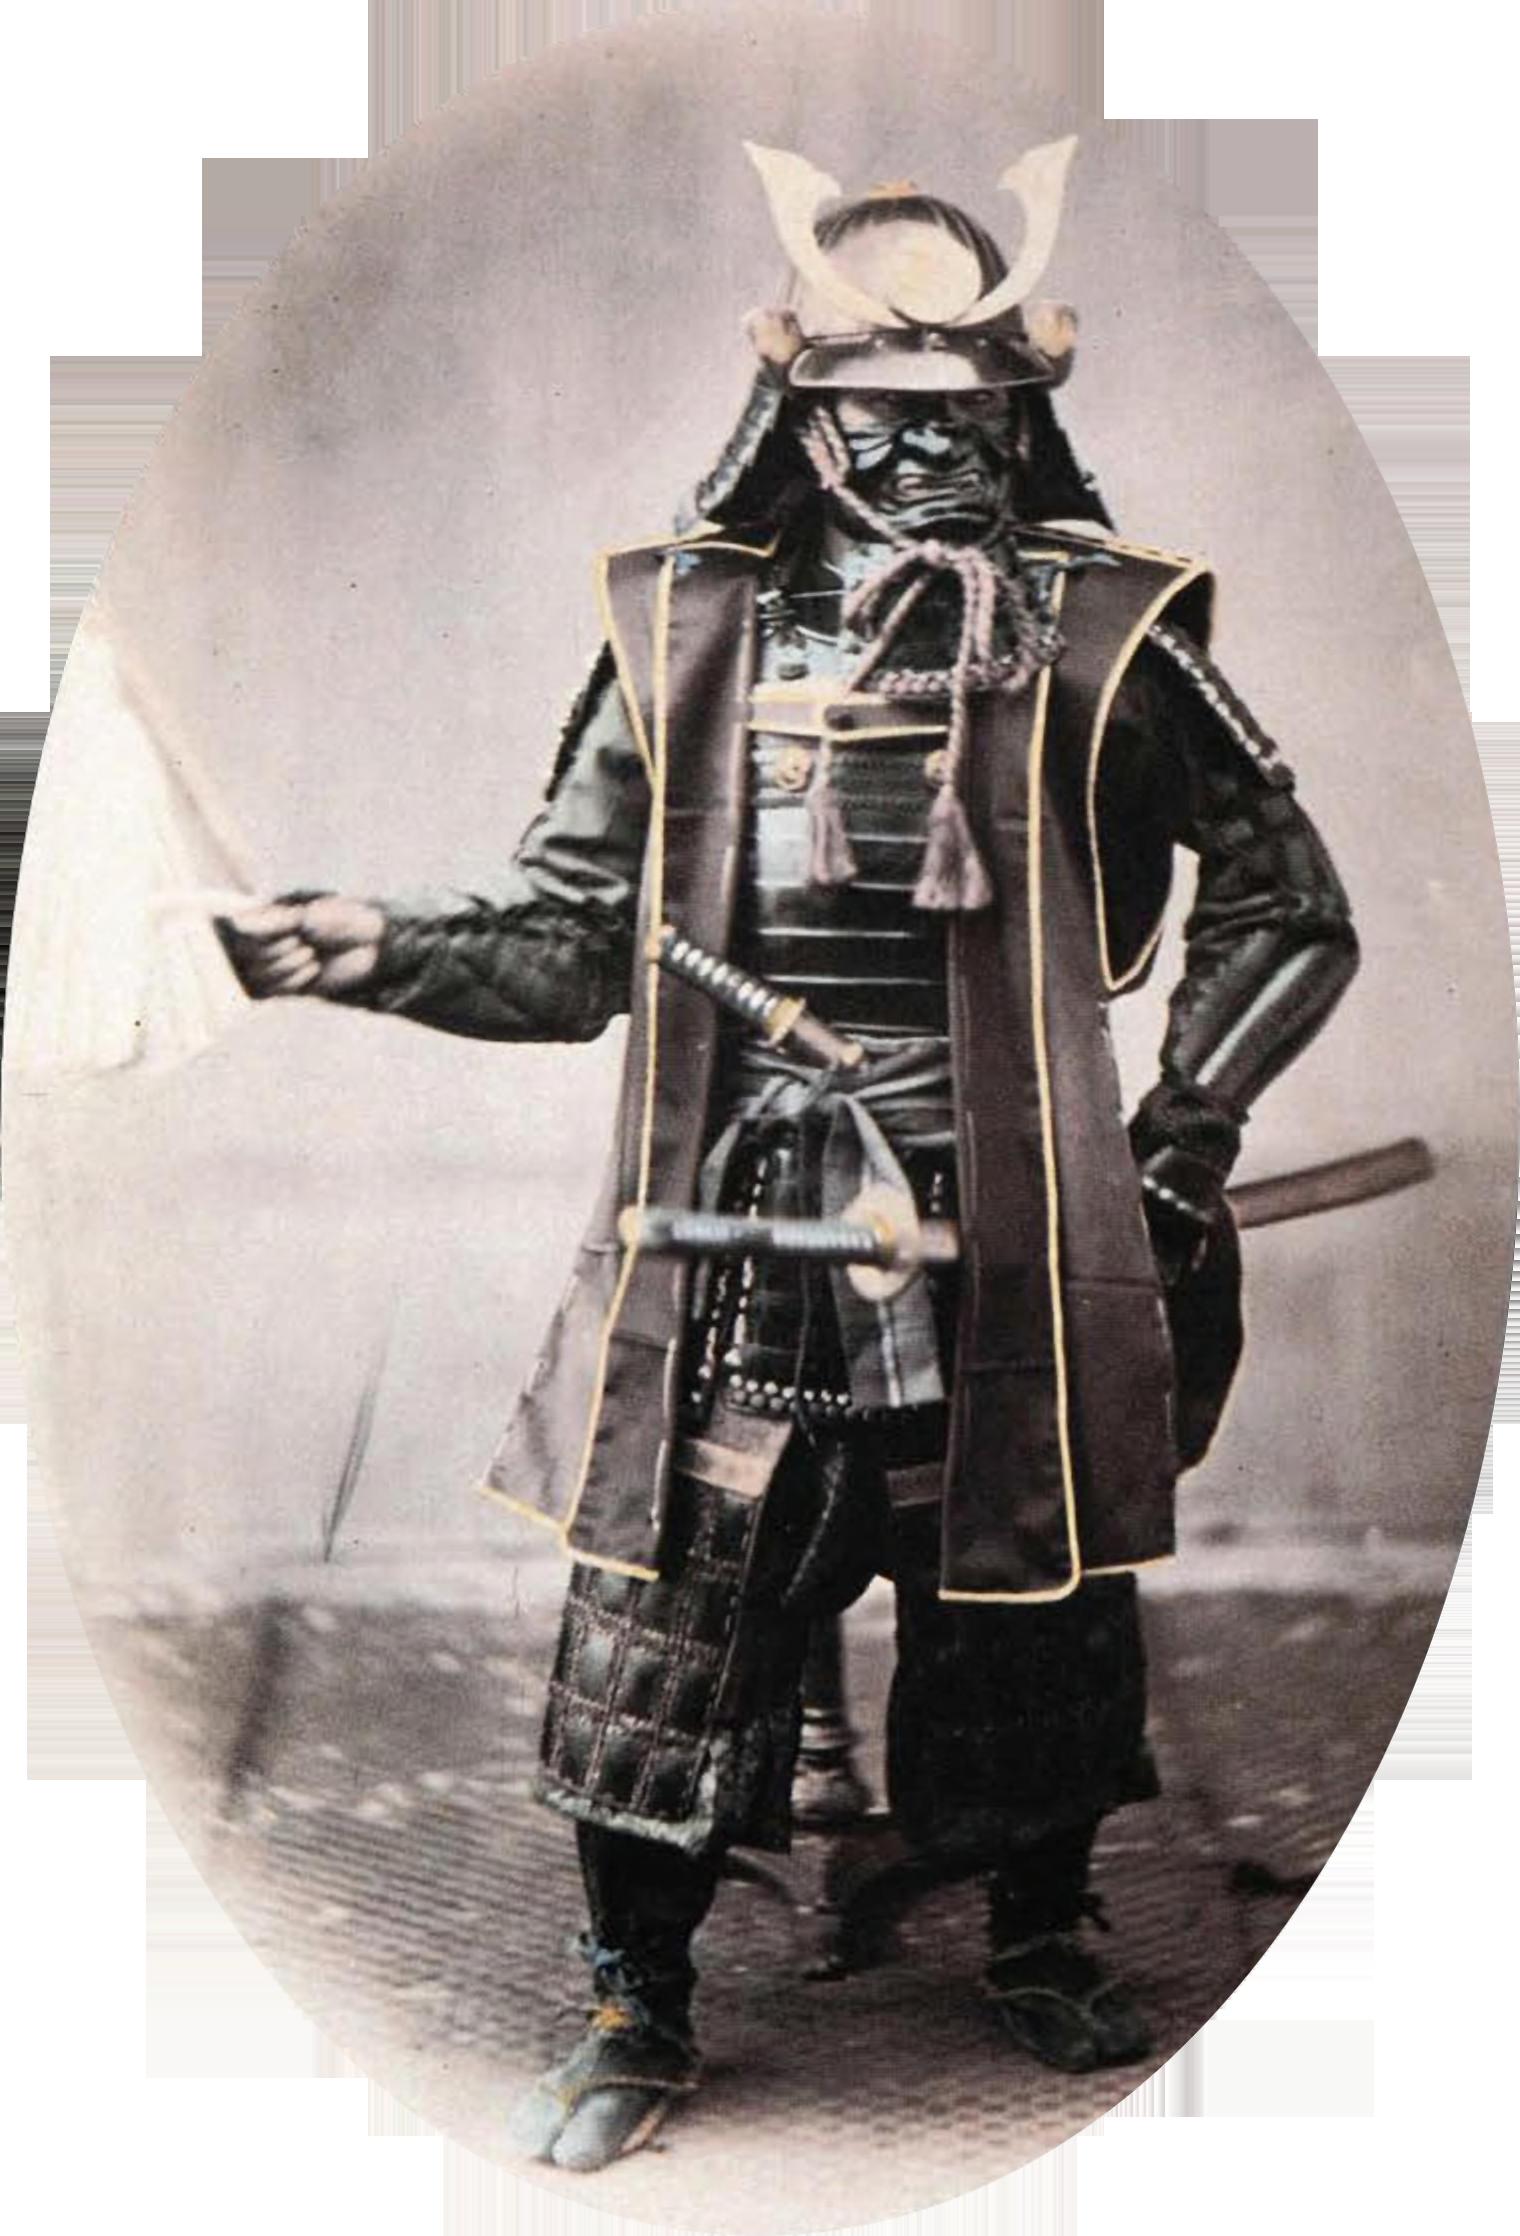 Samurai in armor, 1860